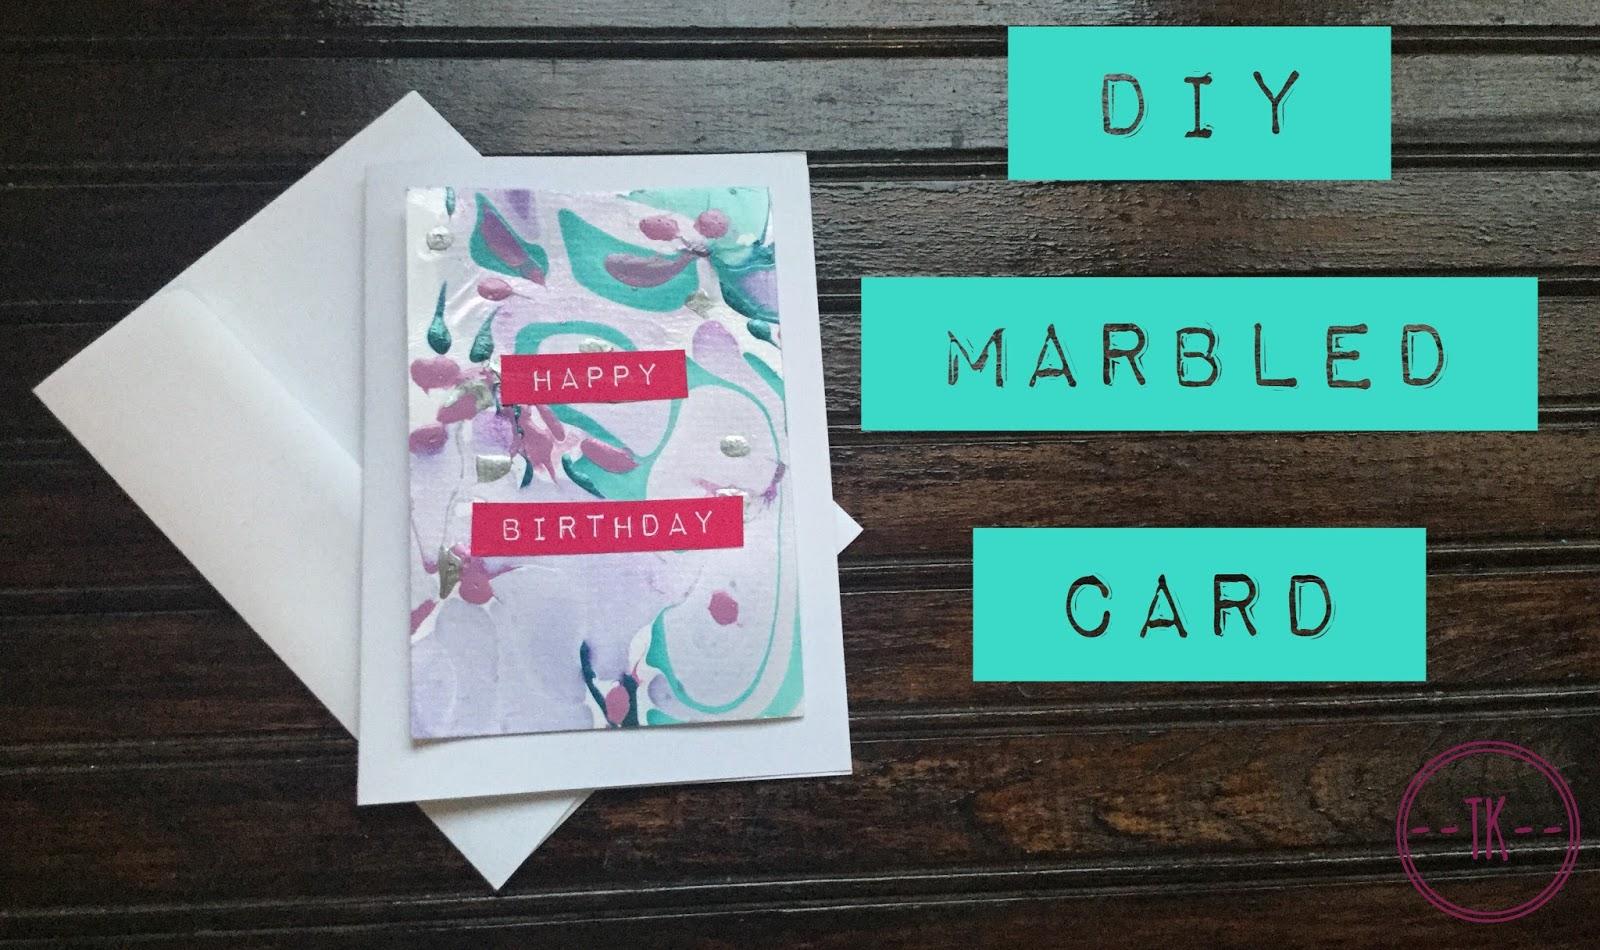 diy marbled card